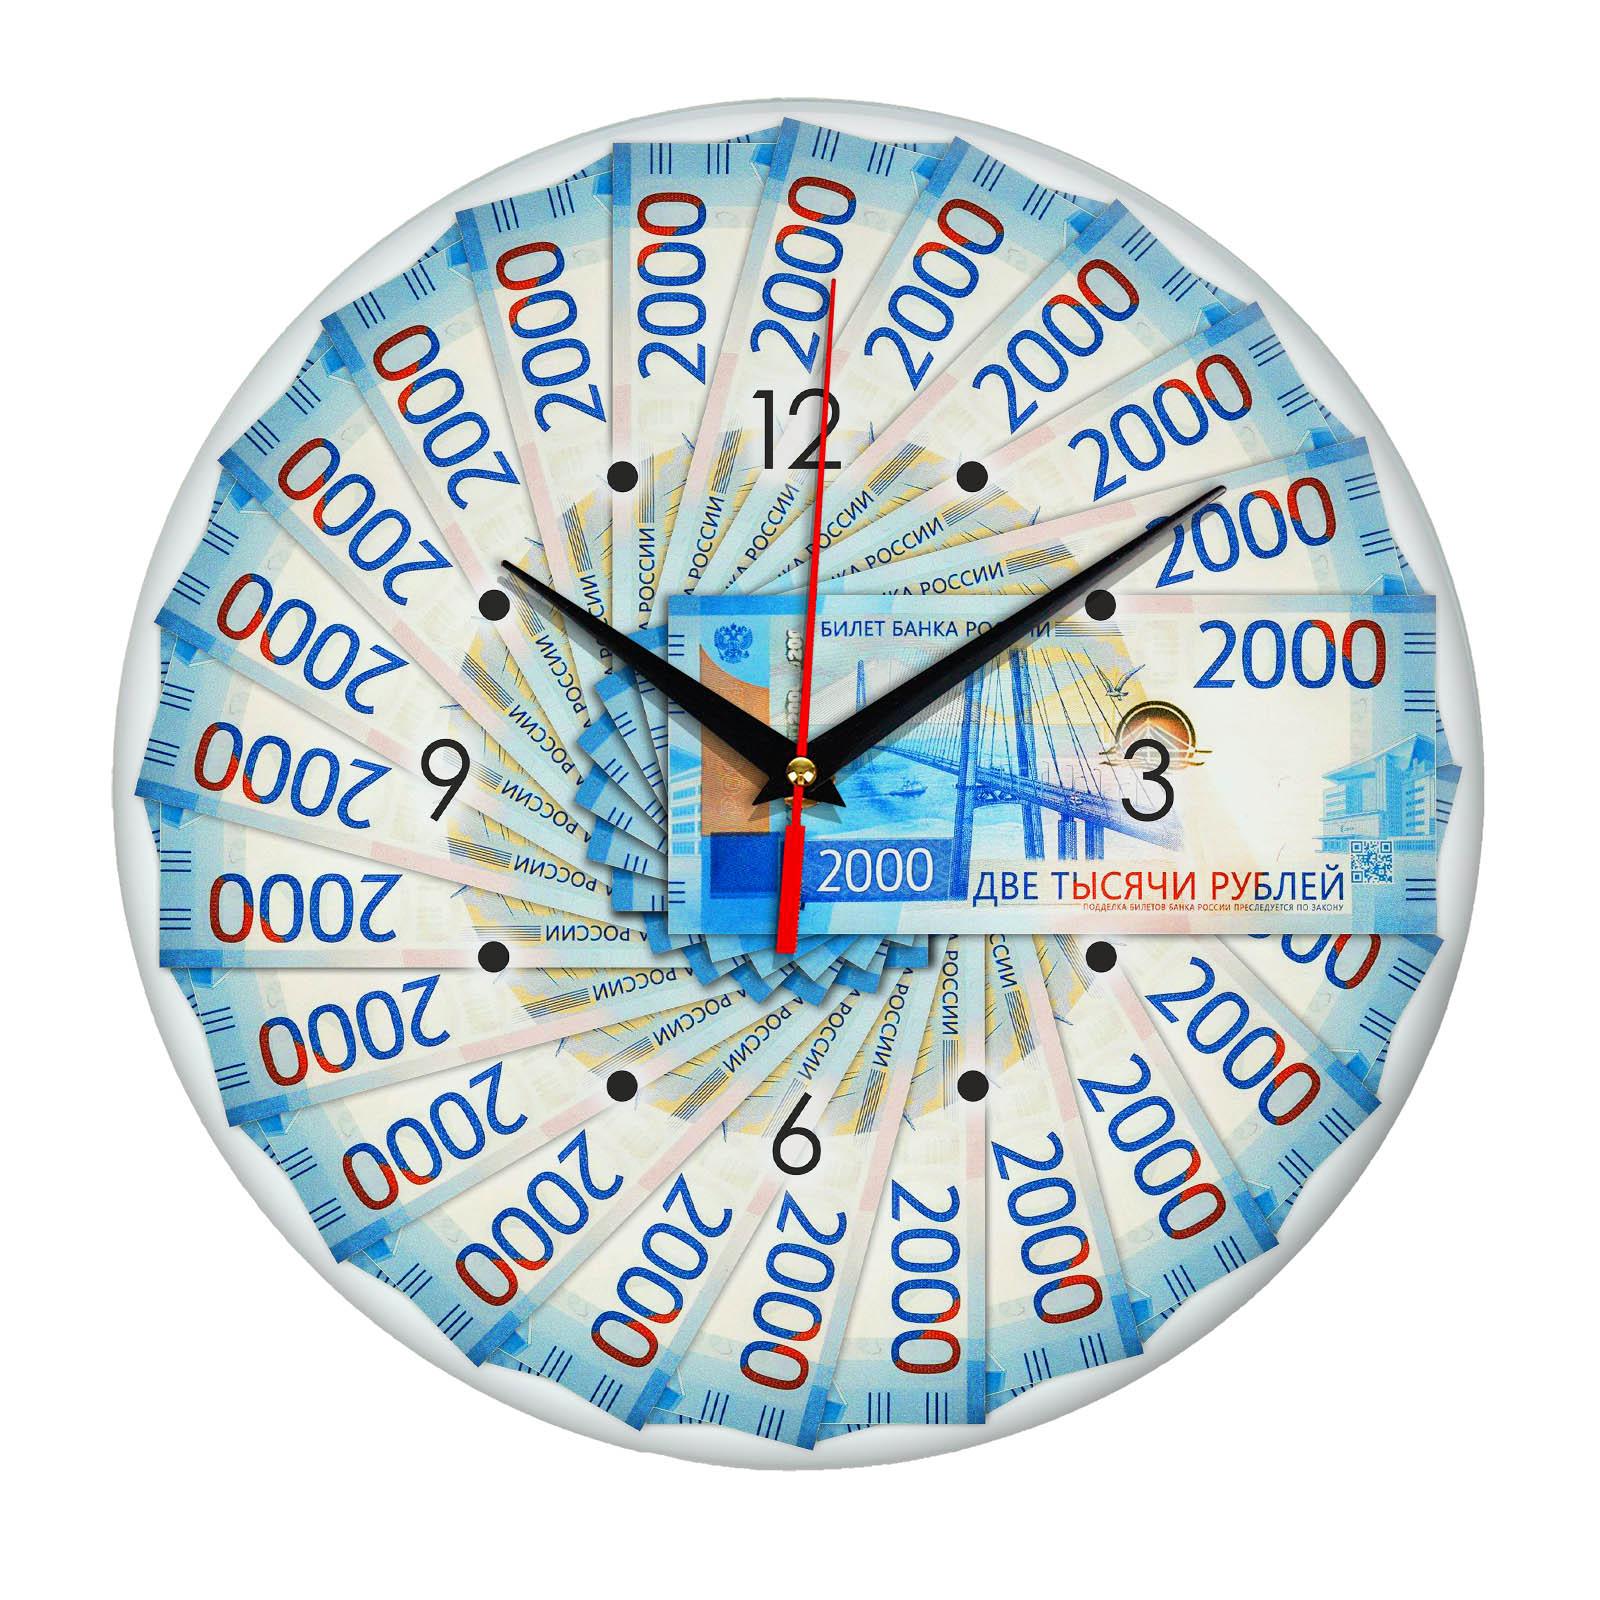 Часы с логотипом. Подборка сувениров на тему Финансы и Консалтинг